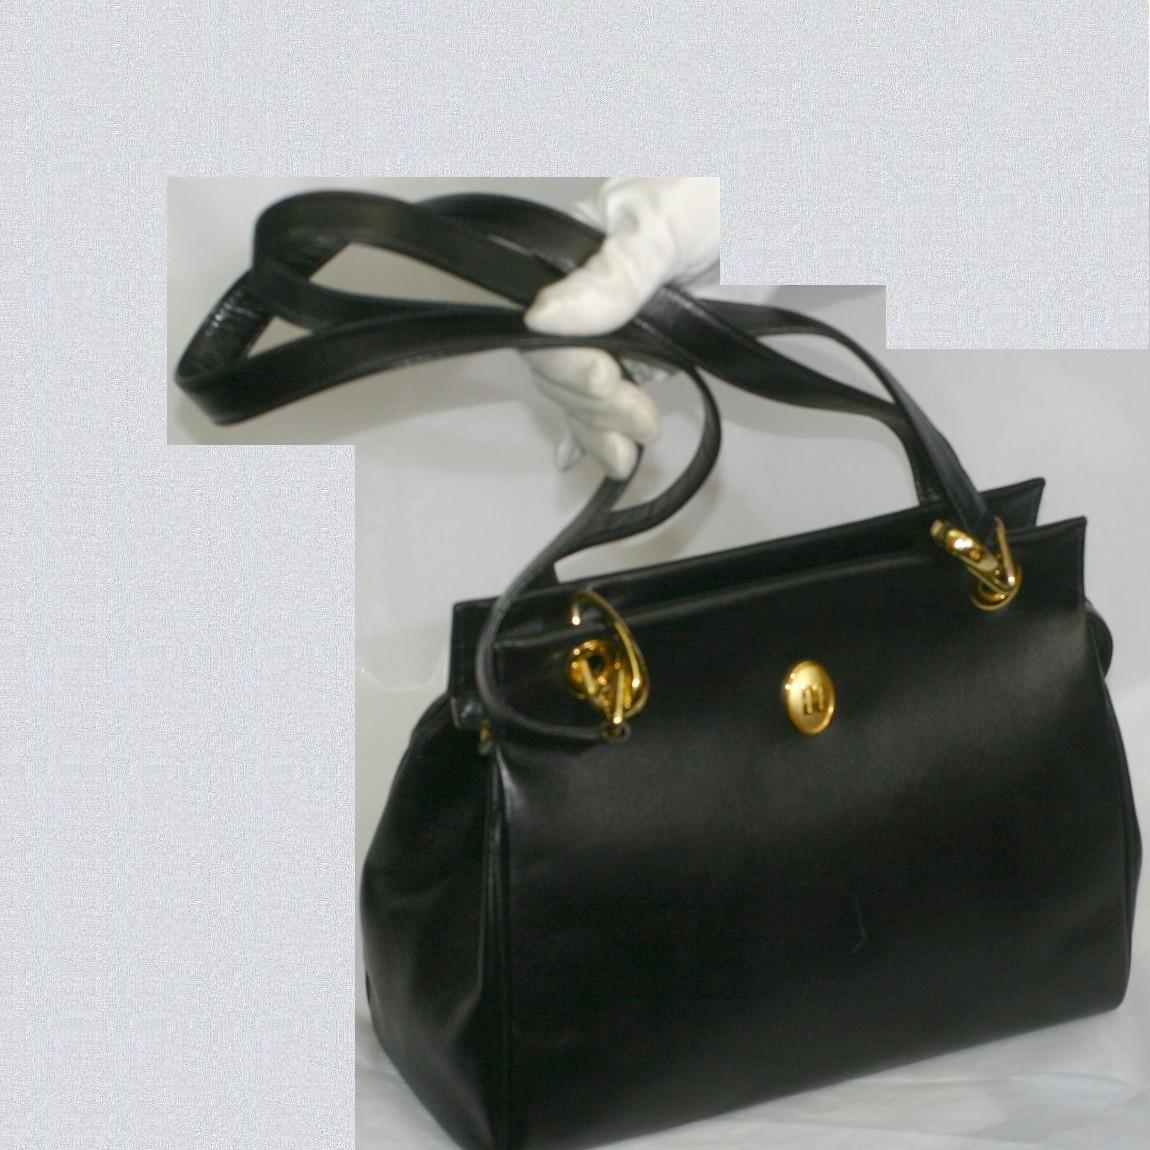 【中古】本物美品ダックス女性用黒柔らかい革ロングショルダーバッグ サイズW30H21D13cm ショルダーの長さは75cm位